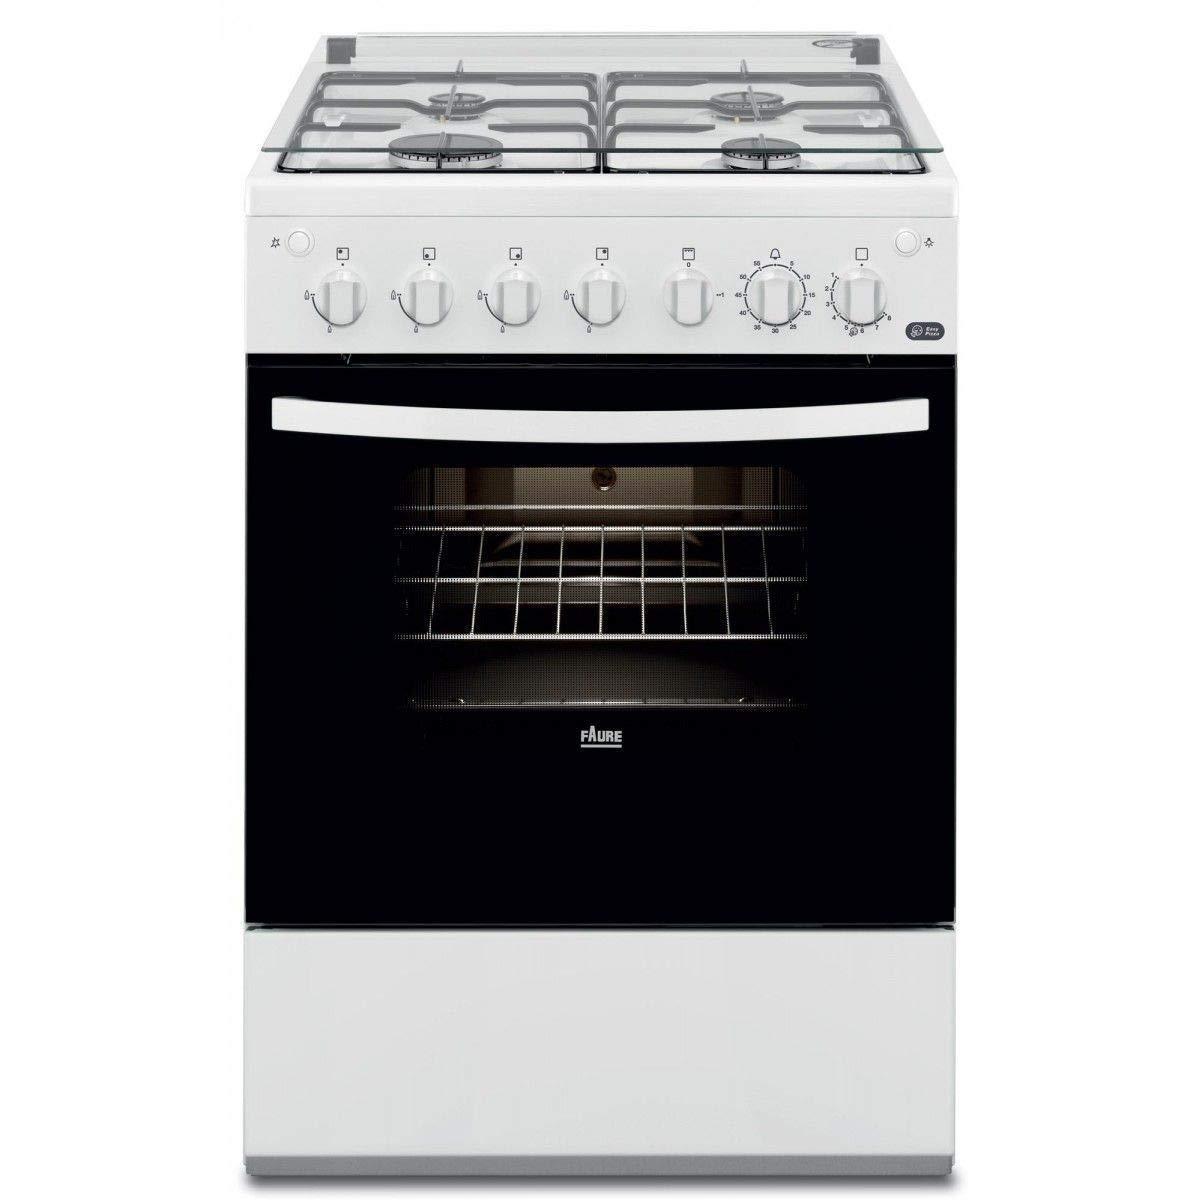 Faure FCG612H1WA Cuisinière Cuisinière à gaz A Blanc - Fours et cuisinières (Cuisinière, Blanc, Rotatif, Devant, 1,15 m, émail)